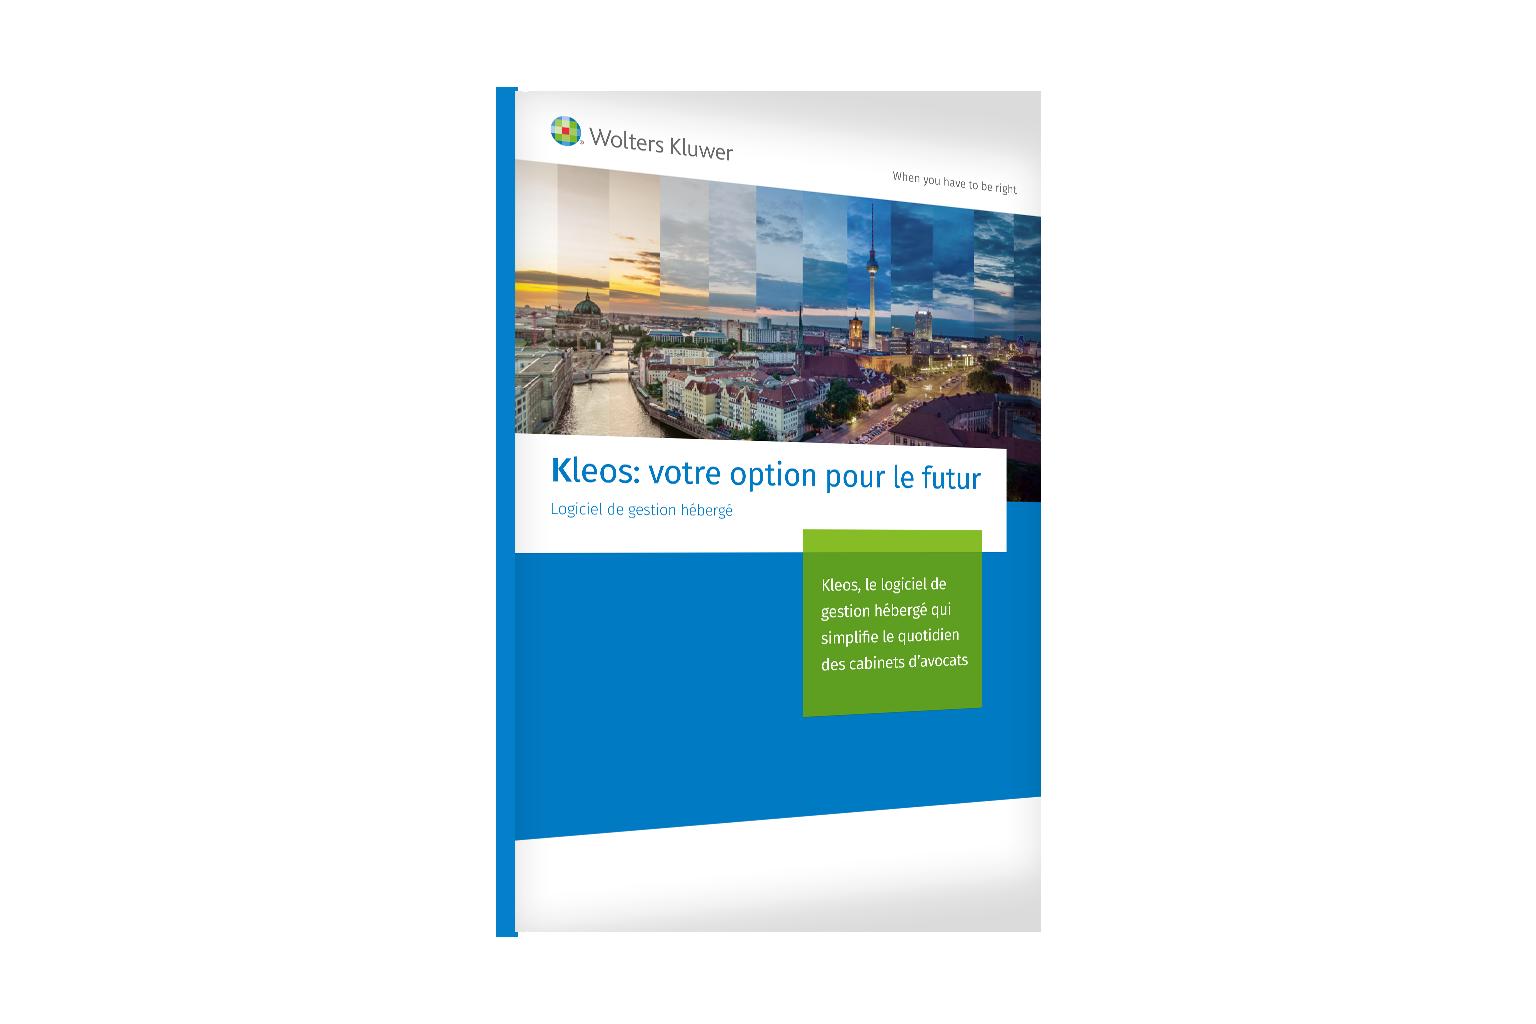 Kleos: votre option pour le futur - Logiciel de gestion hébergé